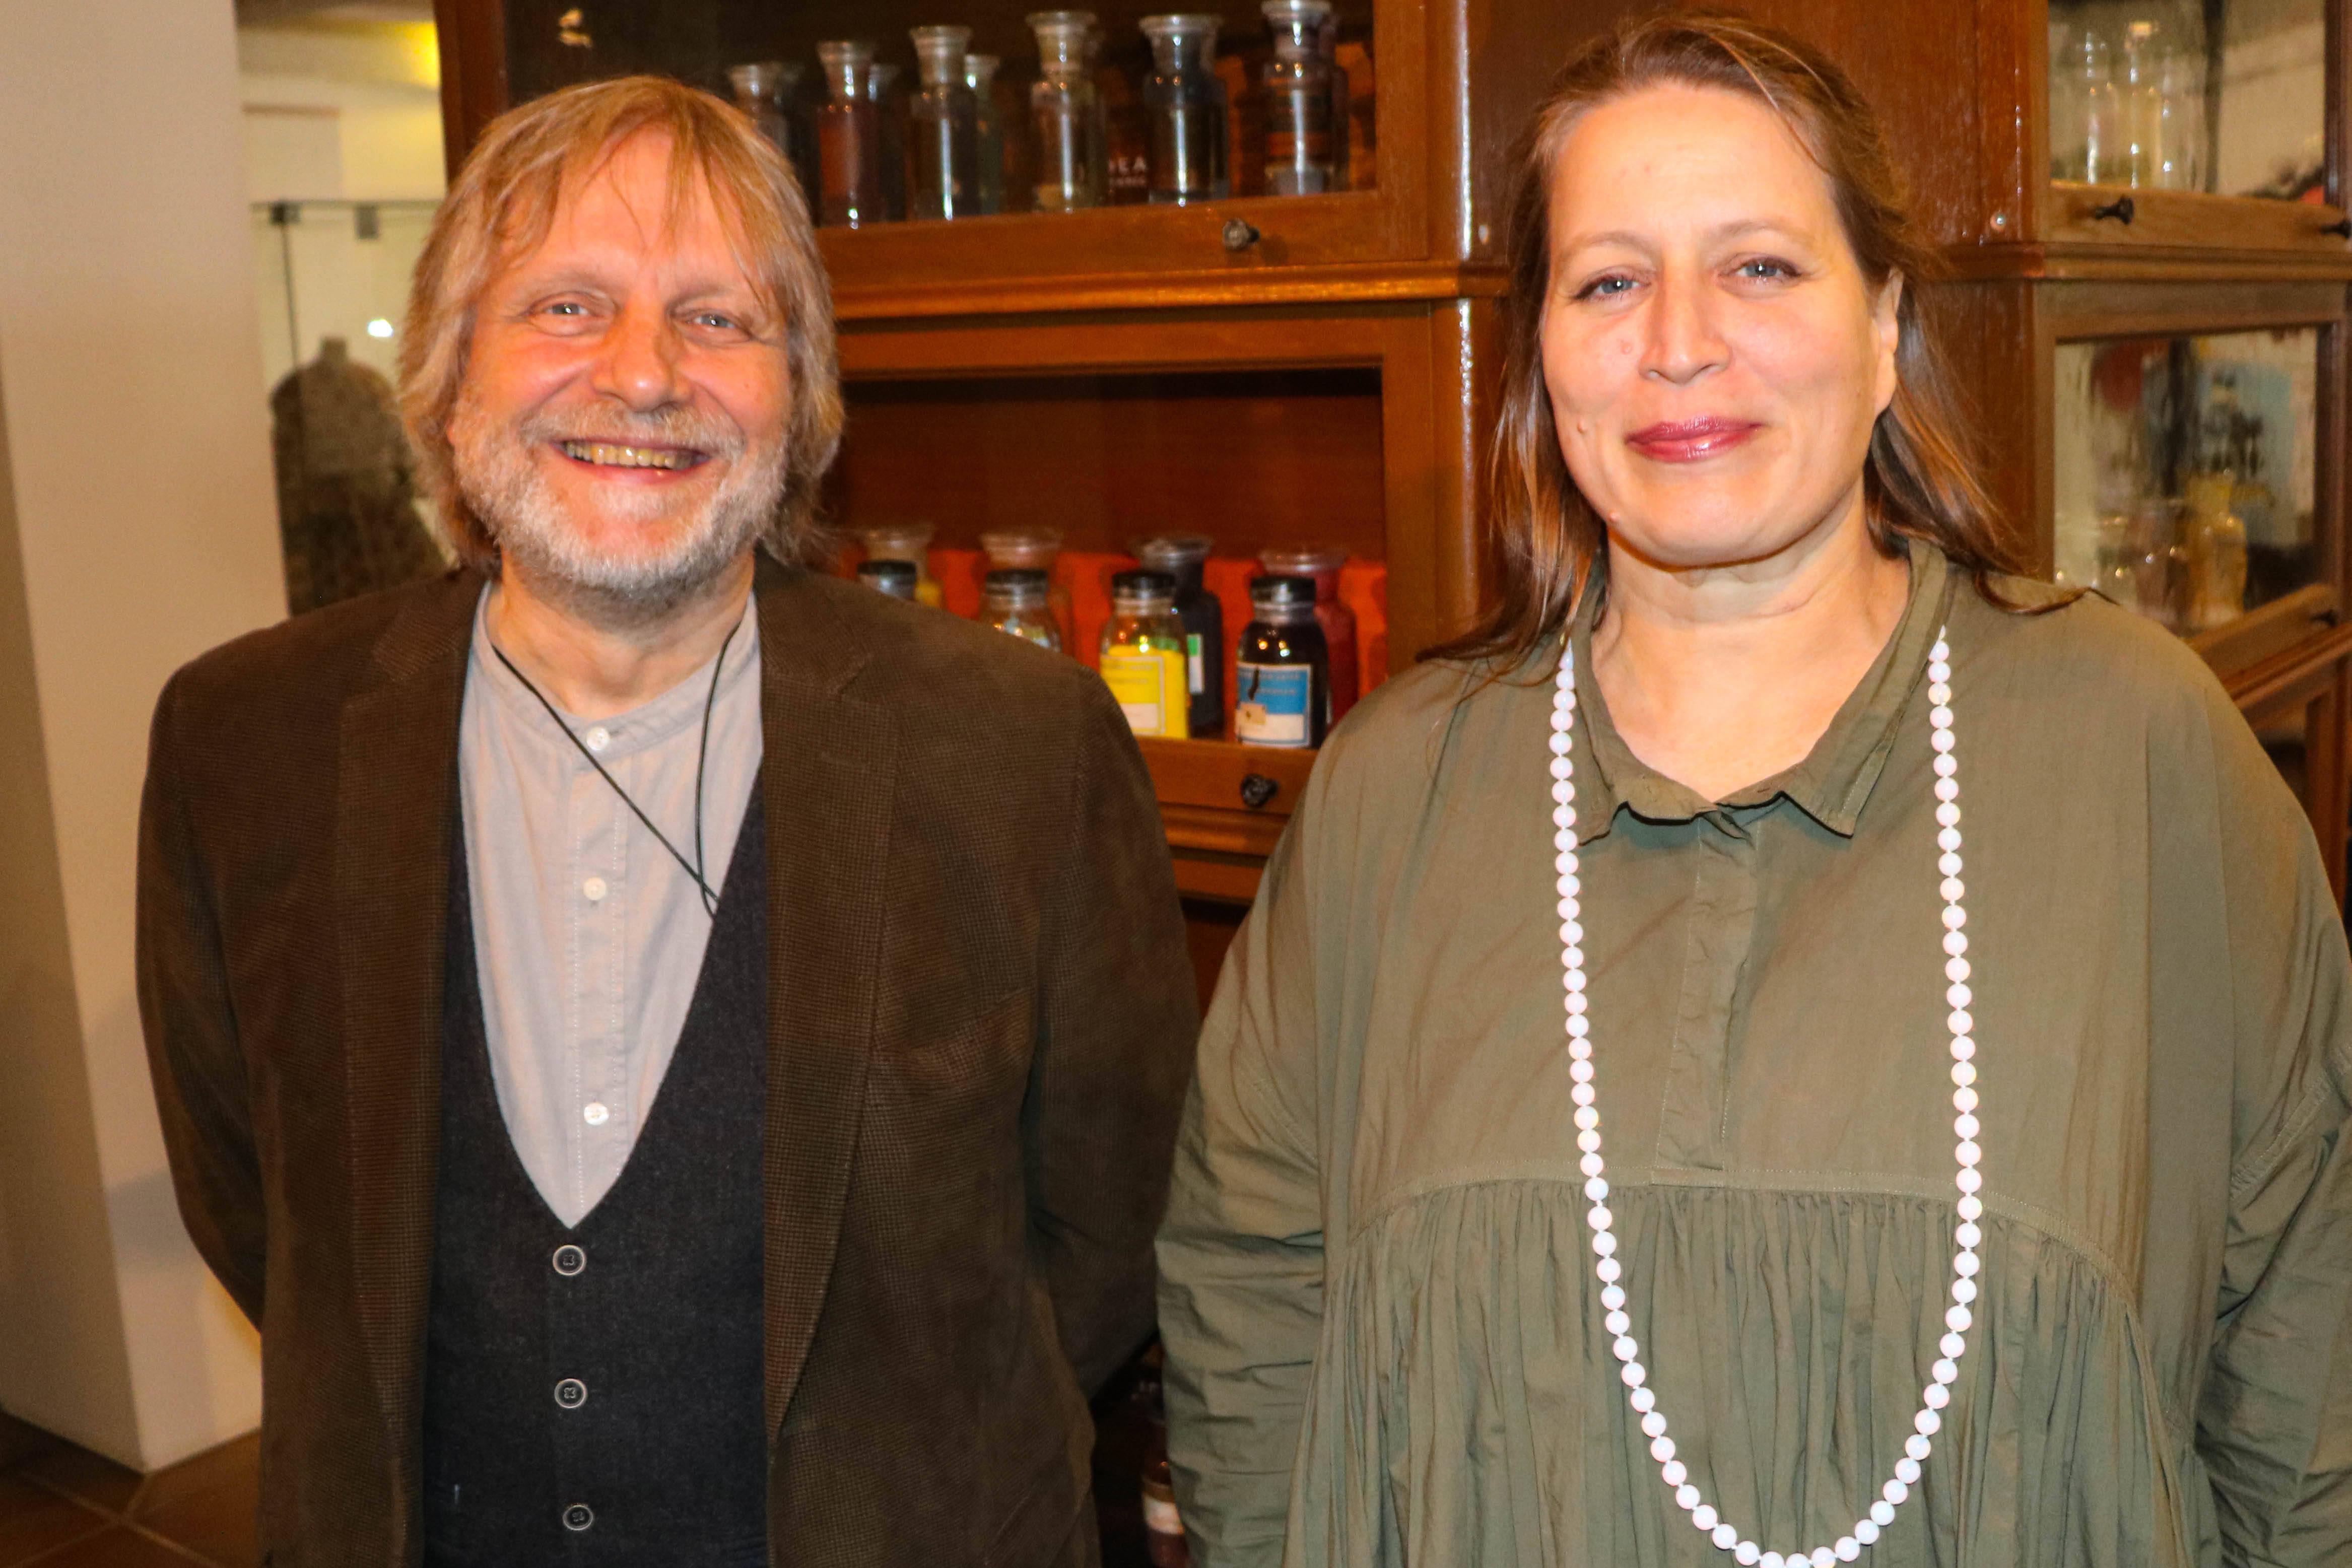 Prof. Dr. Jürgen Schram und Annette Schieck vor dem Schrank mit den Farbstofffläschchen im Textilmuseum. (Foto: Hochschule Niederrhein)